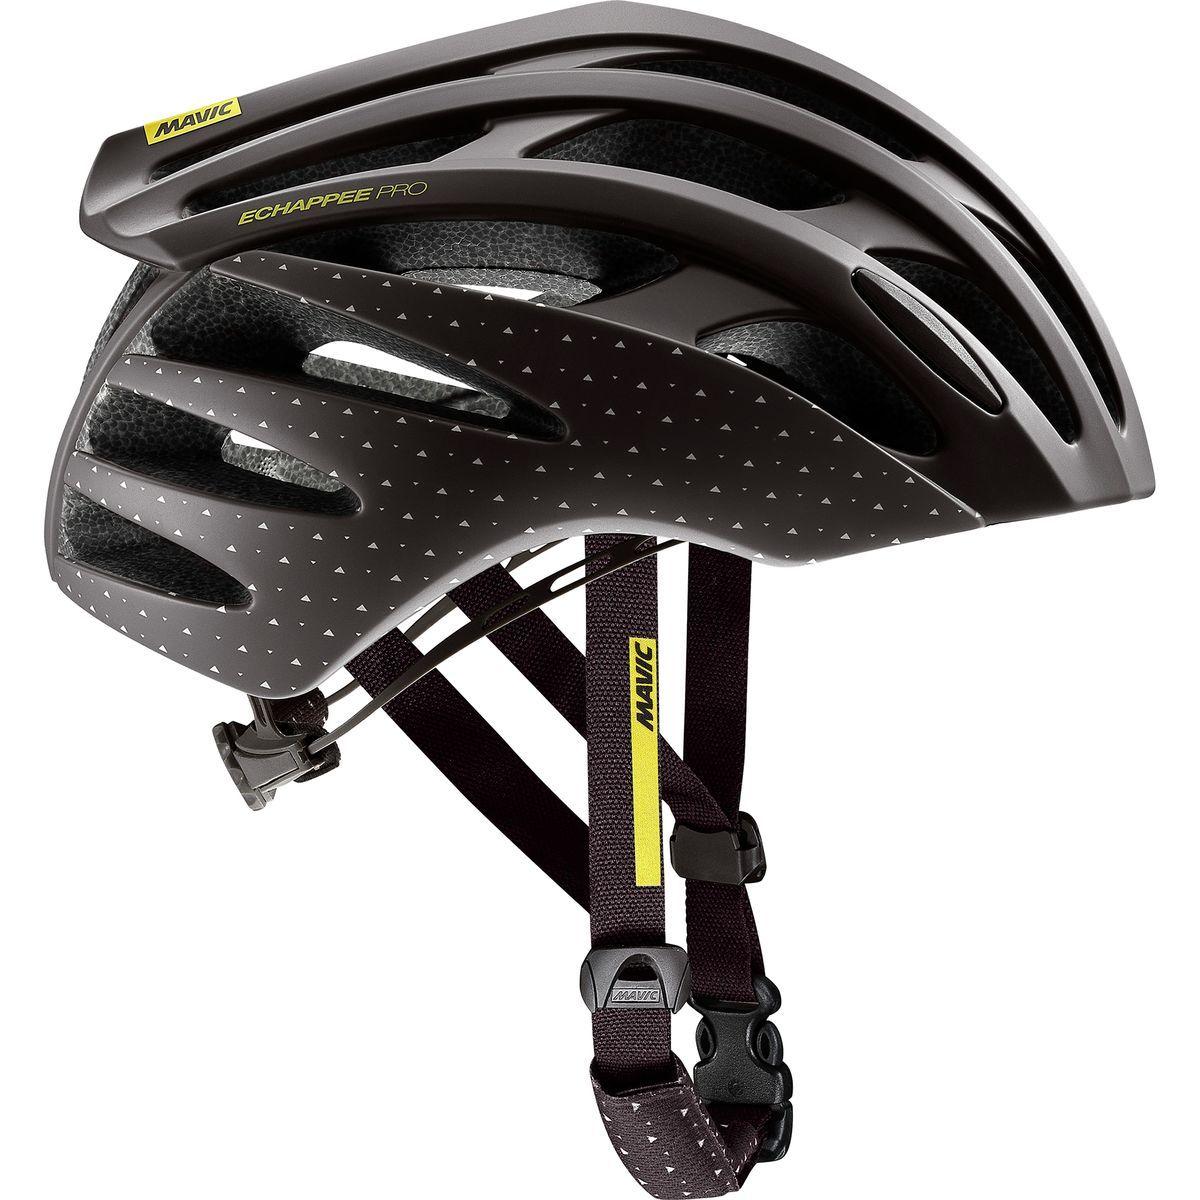 Echappee Pro Helmet – Women's